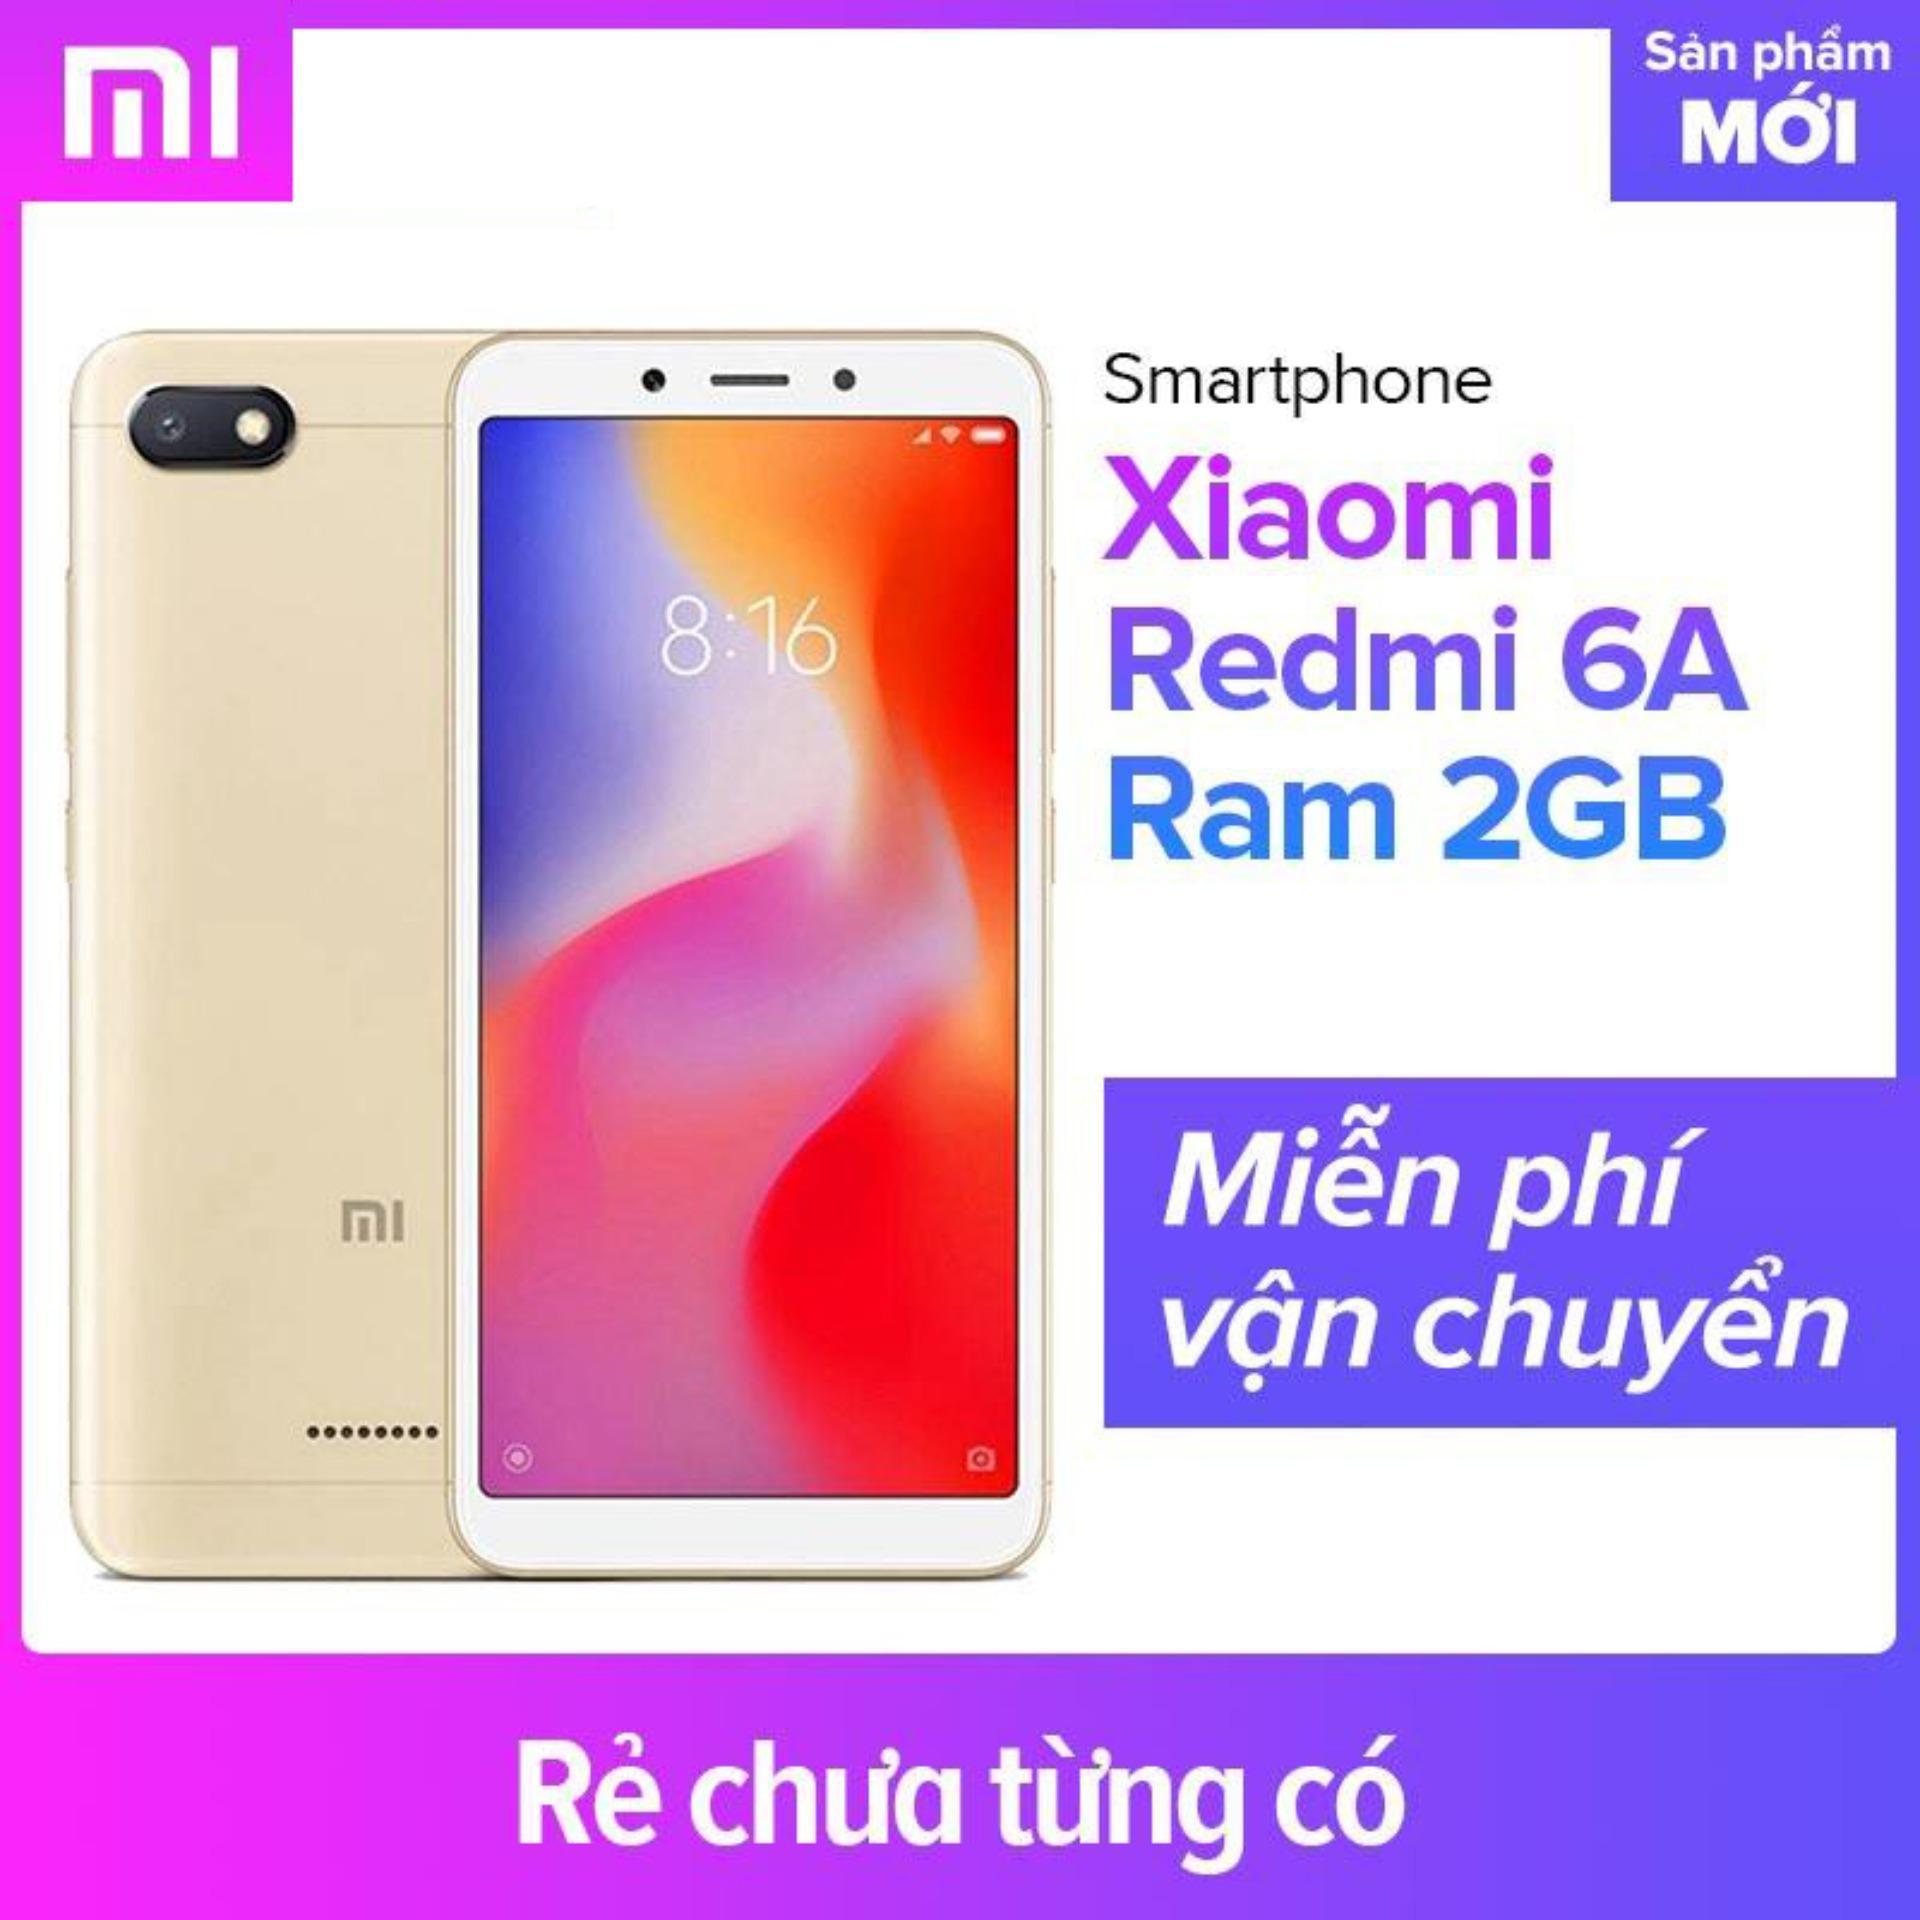 Xiaomi Redmi 6A Ram 2GB - Hãng phân phối chính thức